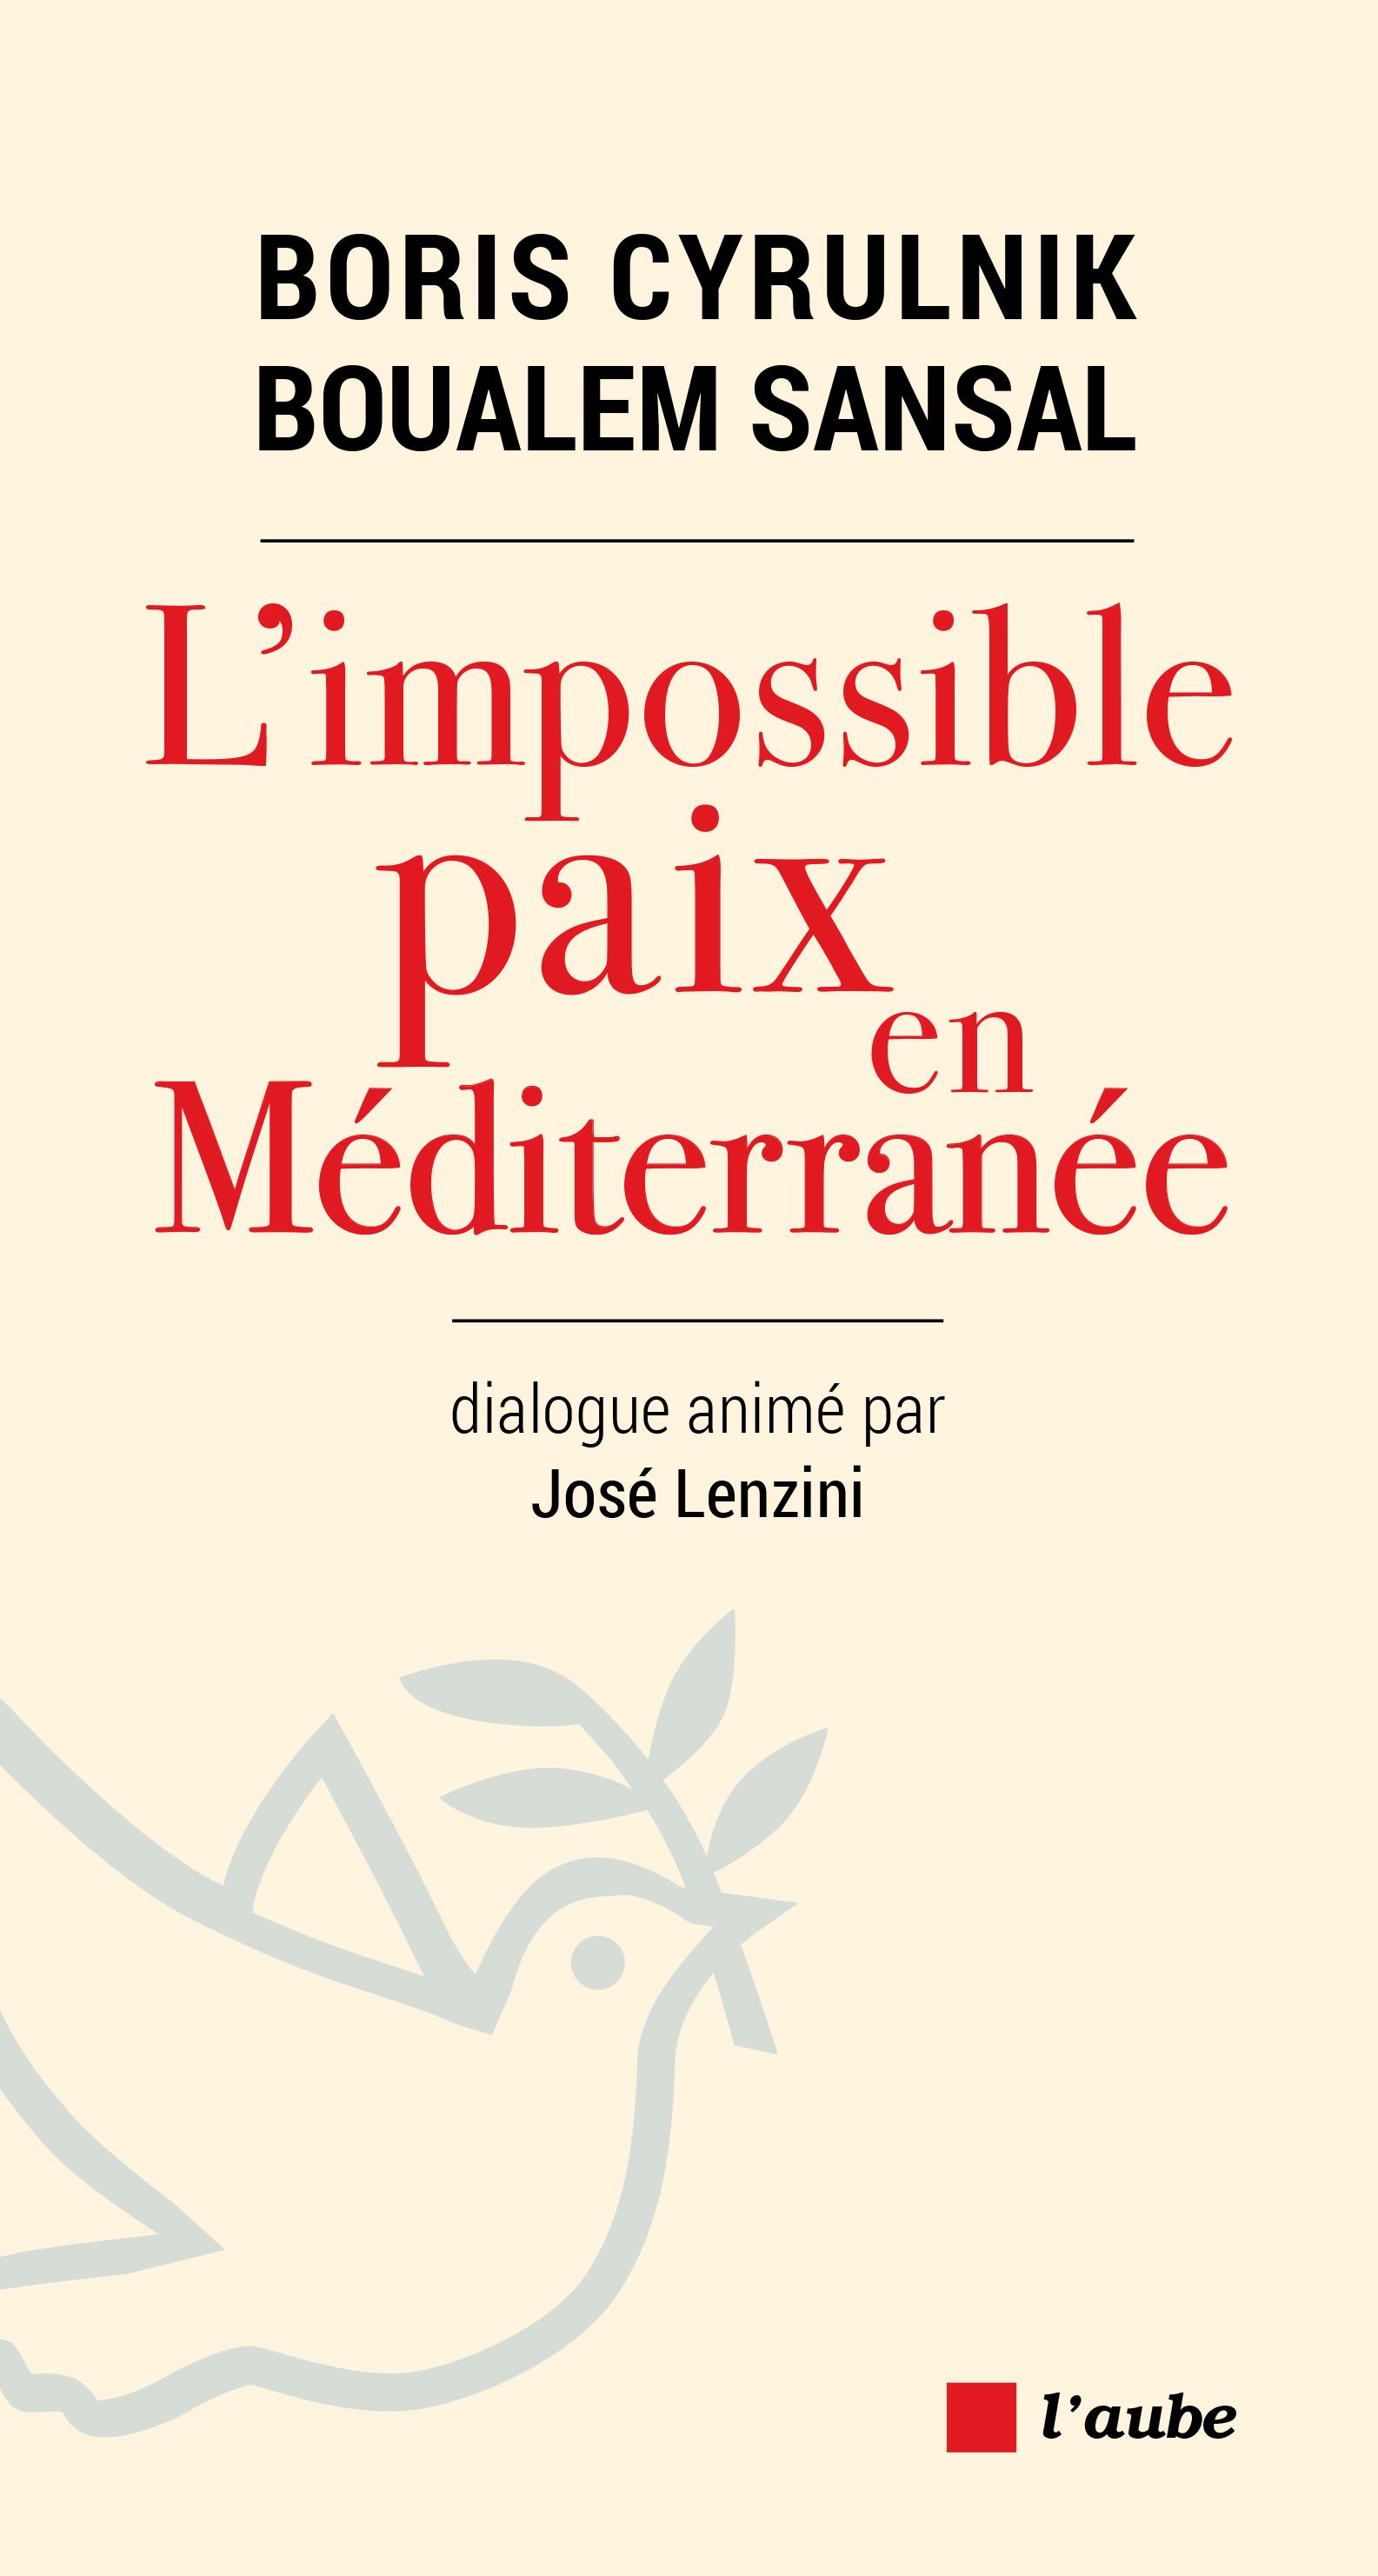 L'impossible paix en Méditerranée | SANSAL, Boualem